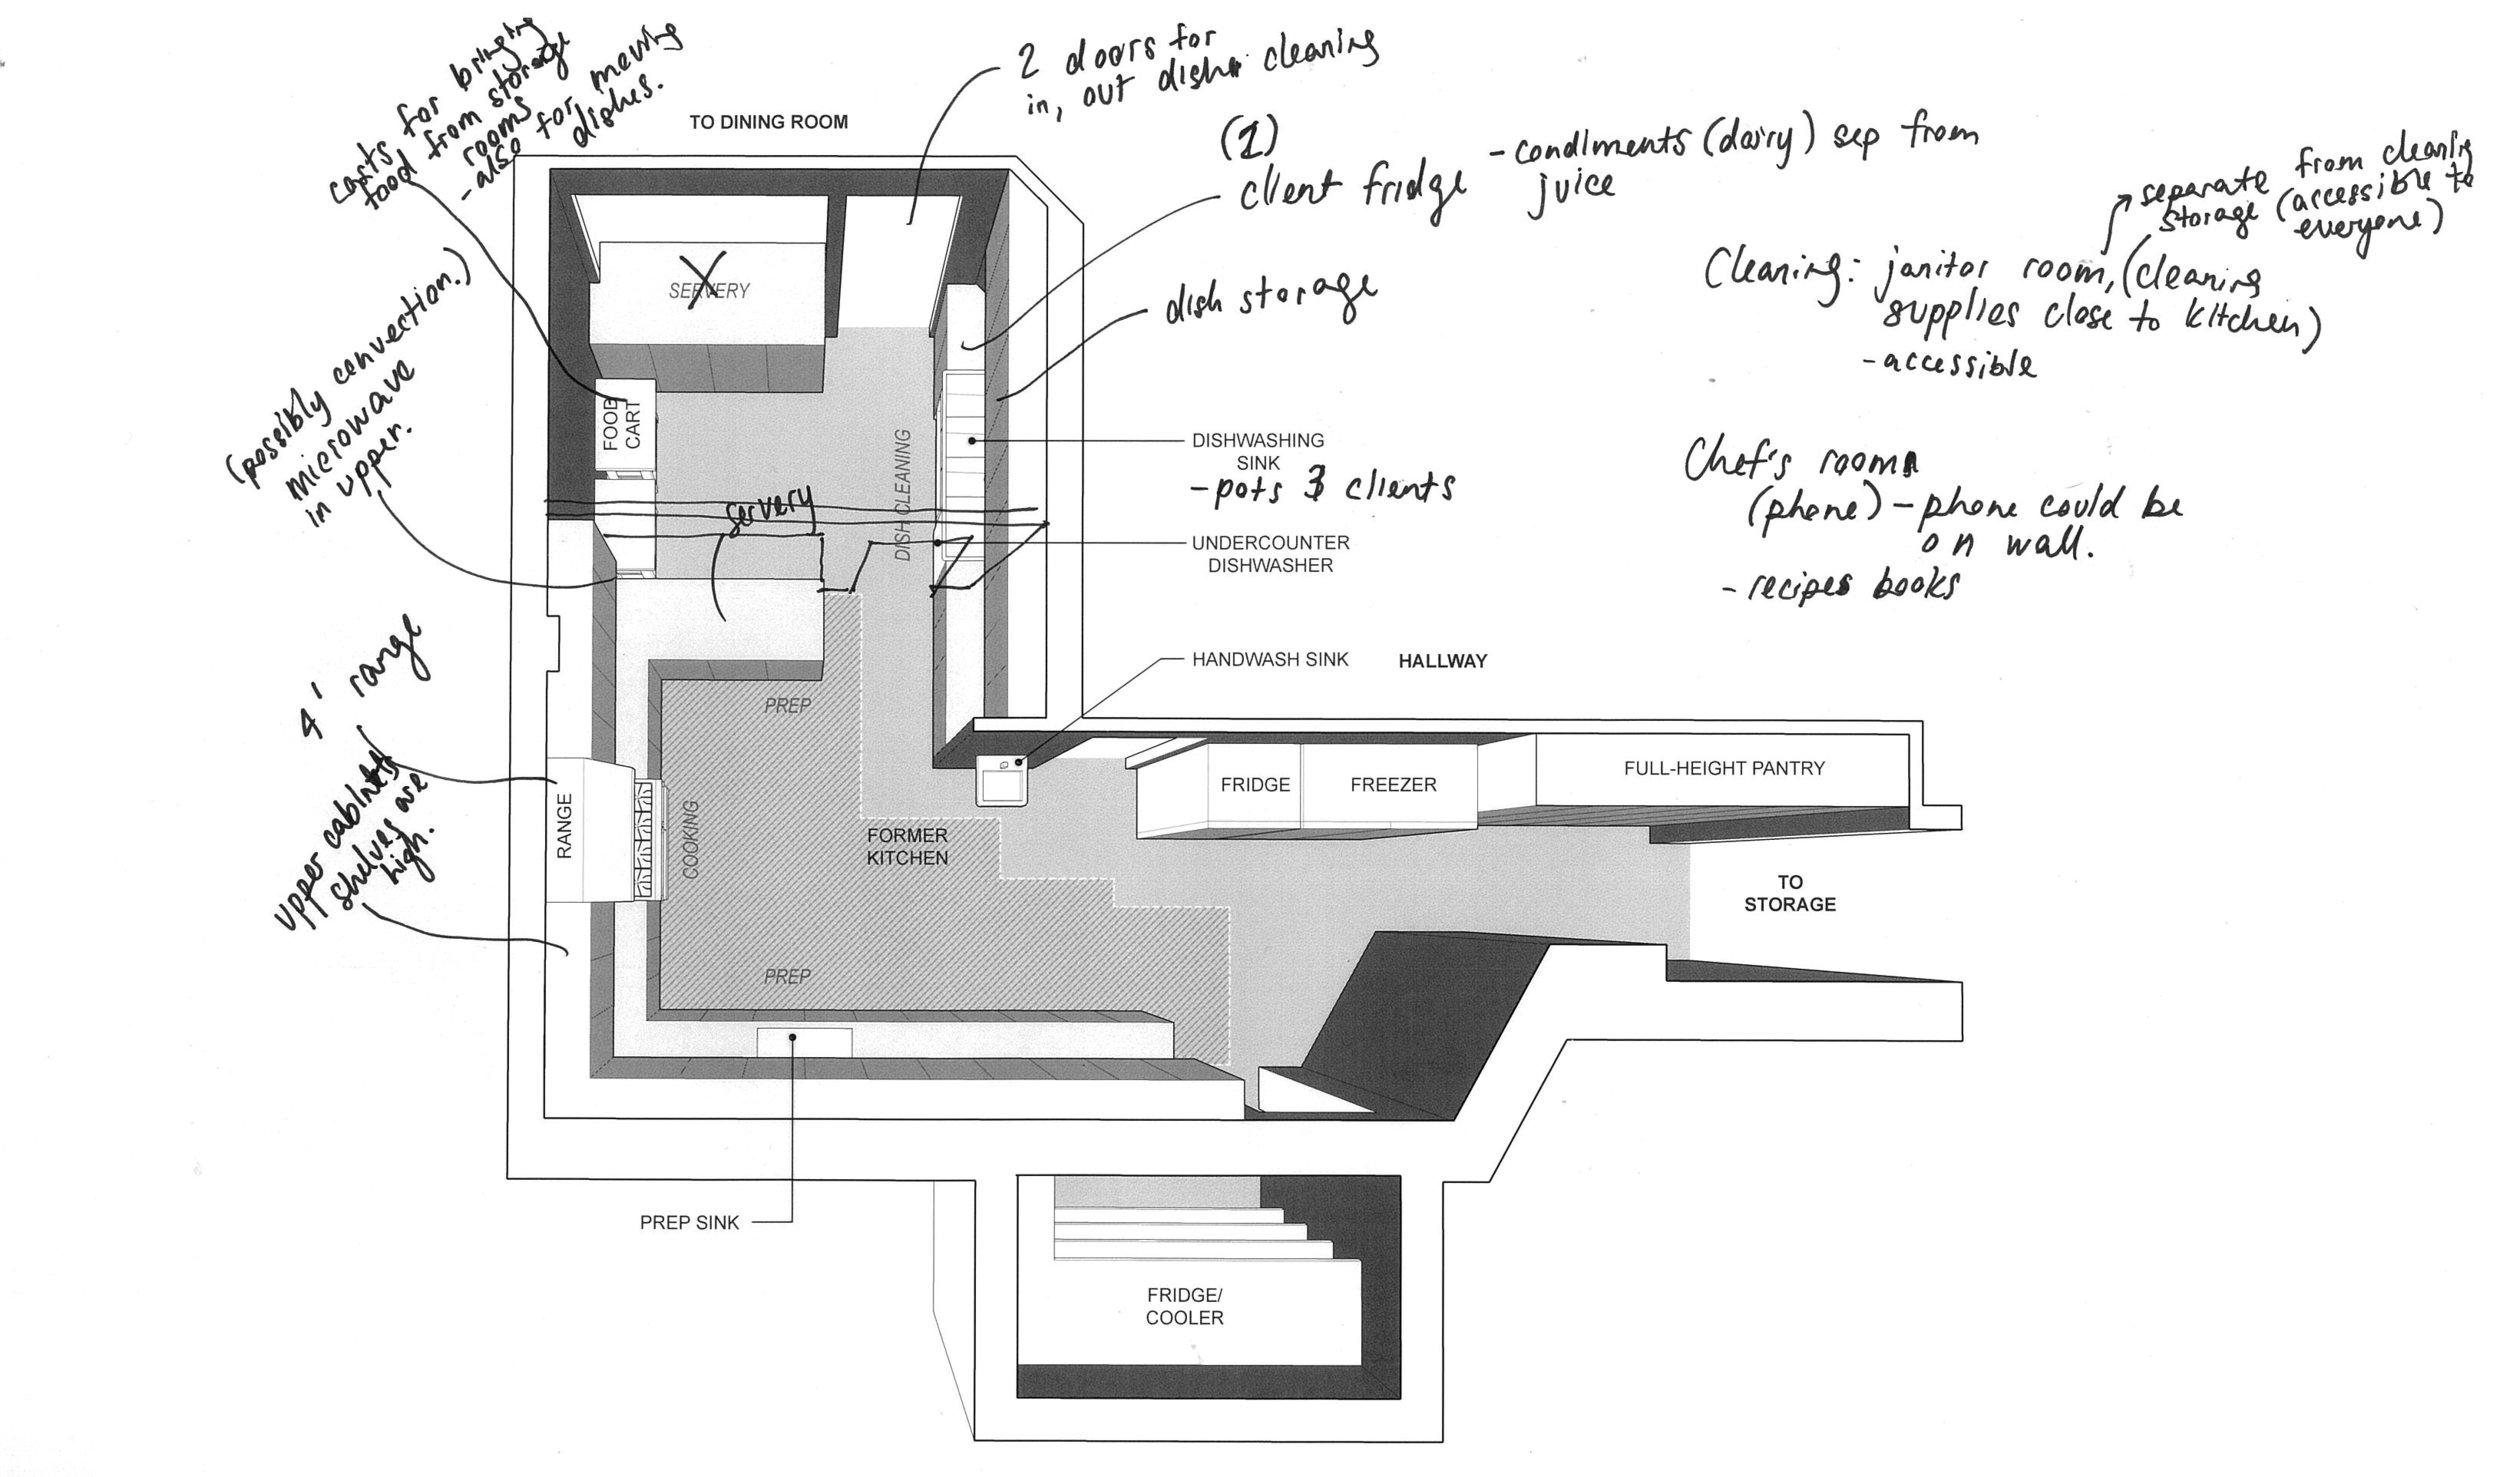 Punanai Kitchen Design Meeting Notes.jpg